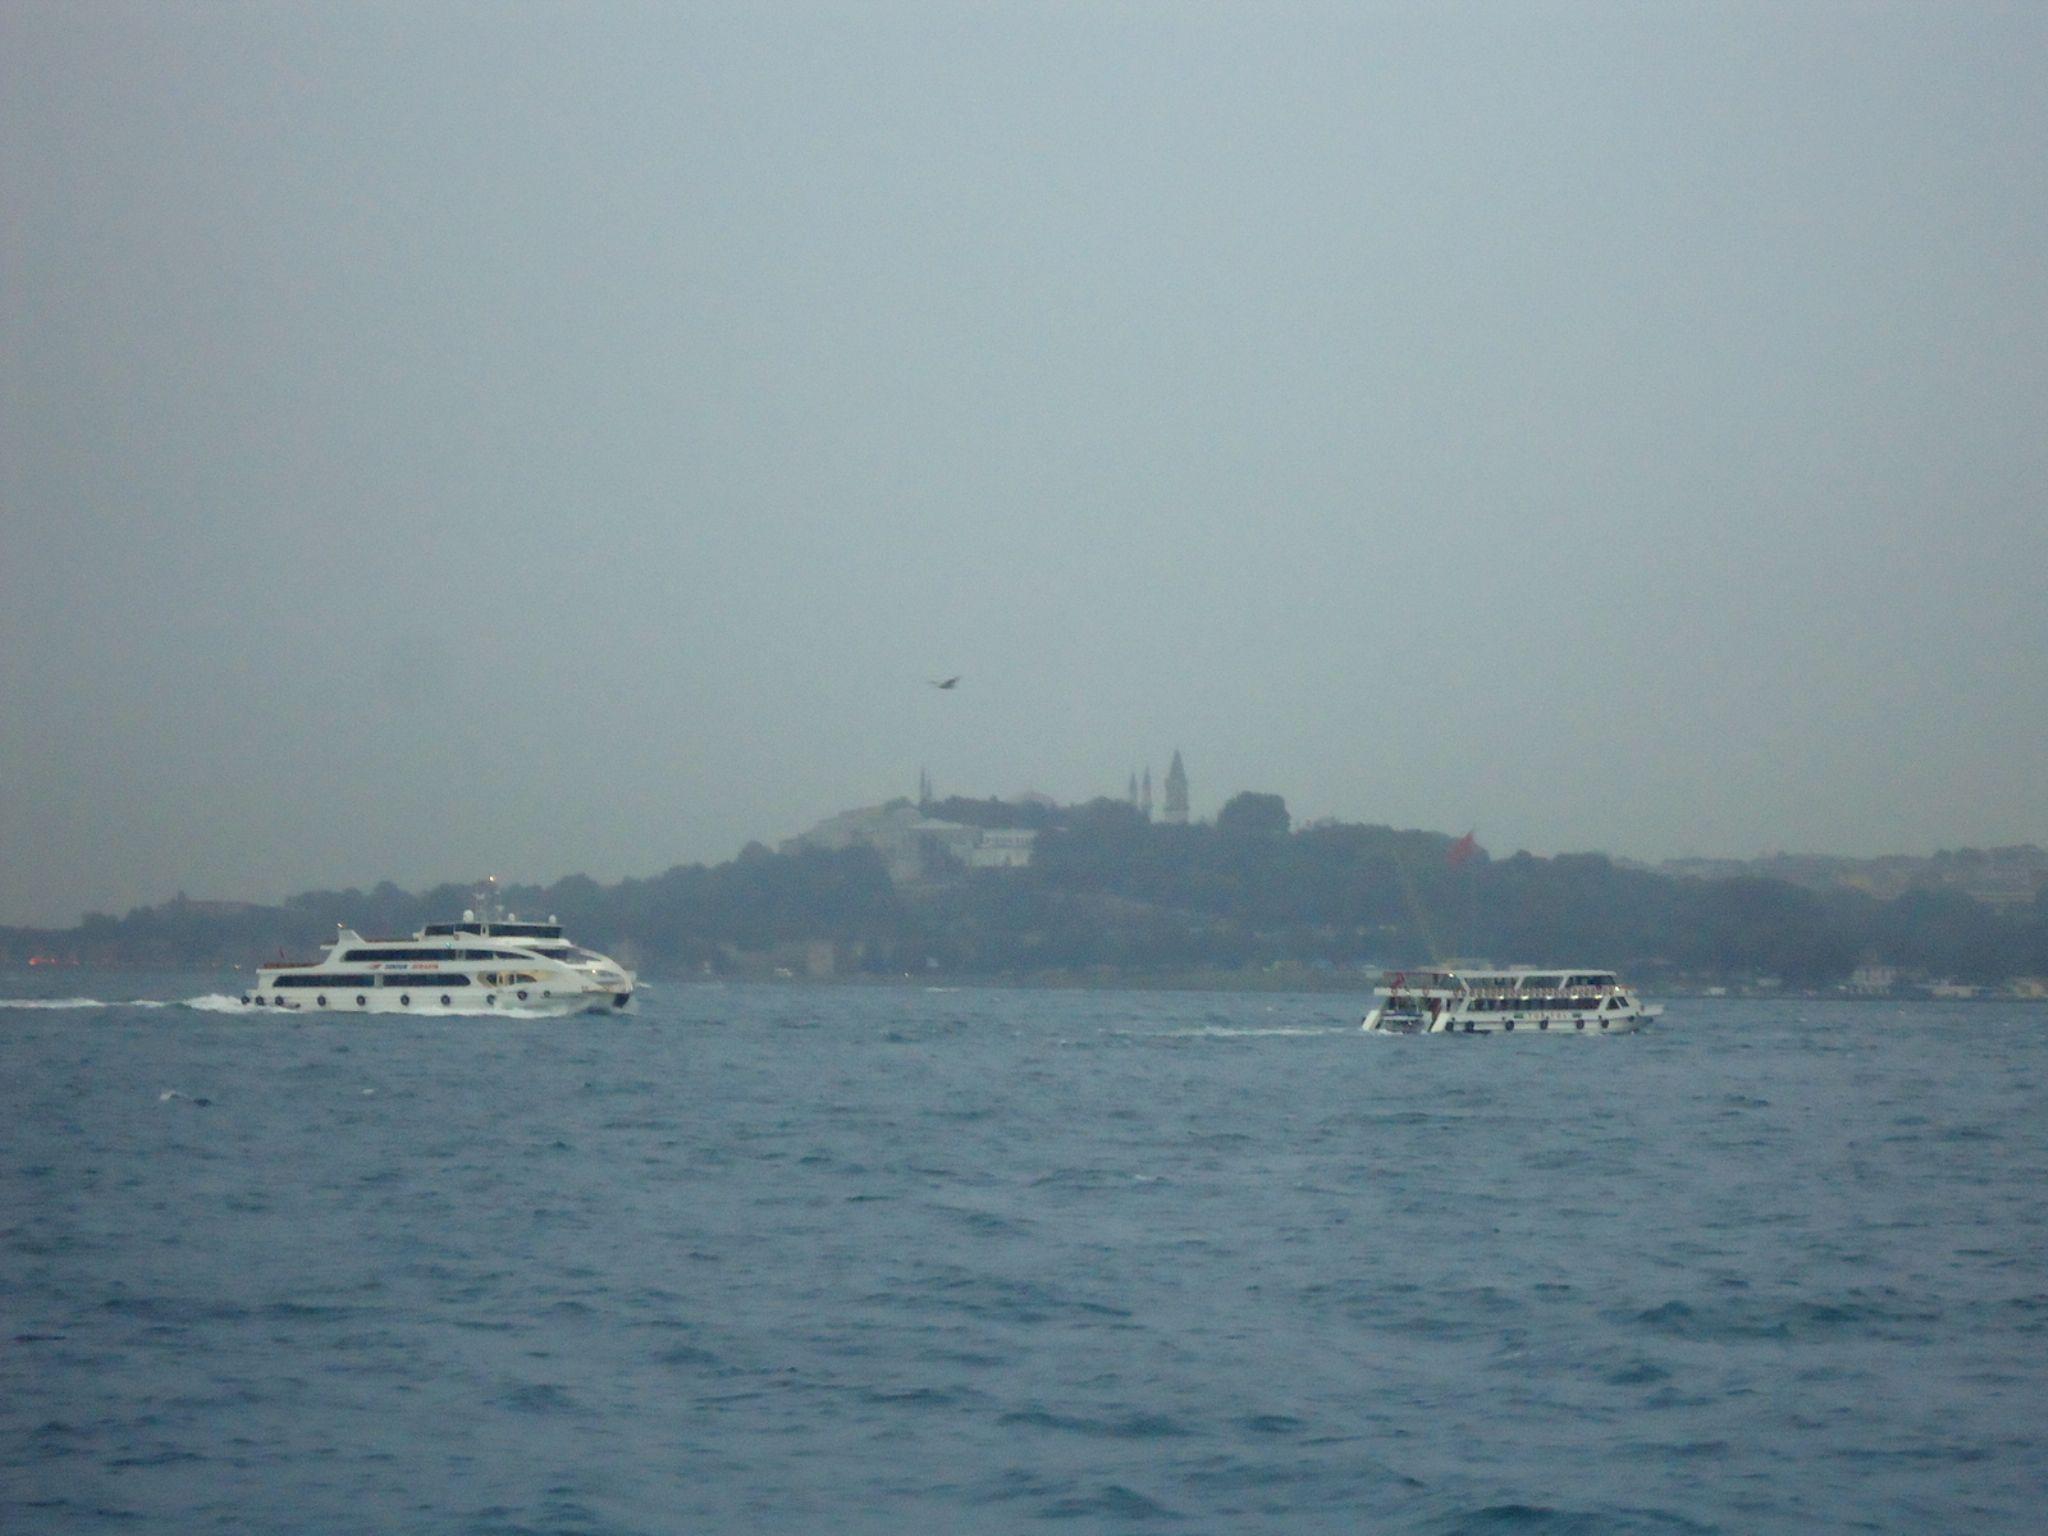 İSTANBUL by yasargunlar